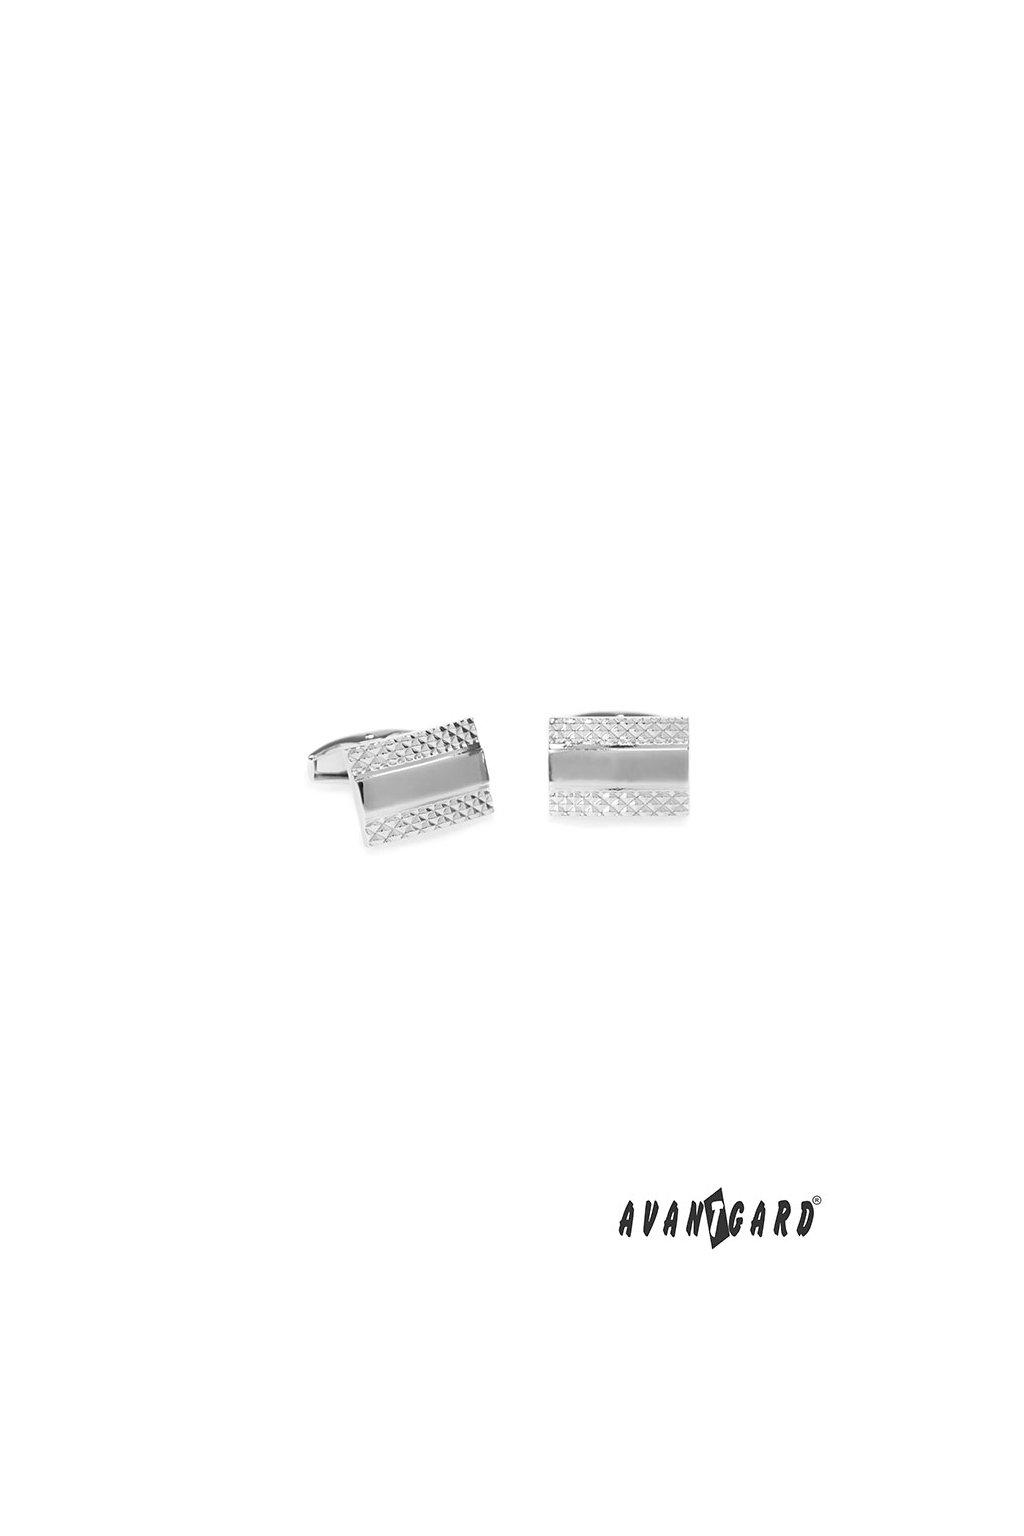 Manžetové knoflíčky PREMIUM stříbrná lesk 573 - 20746